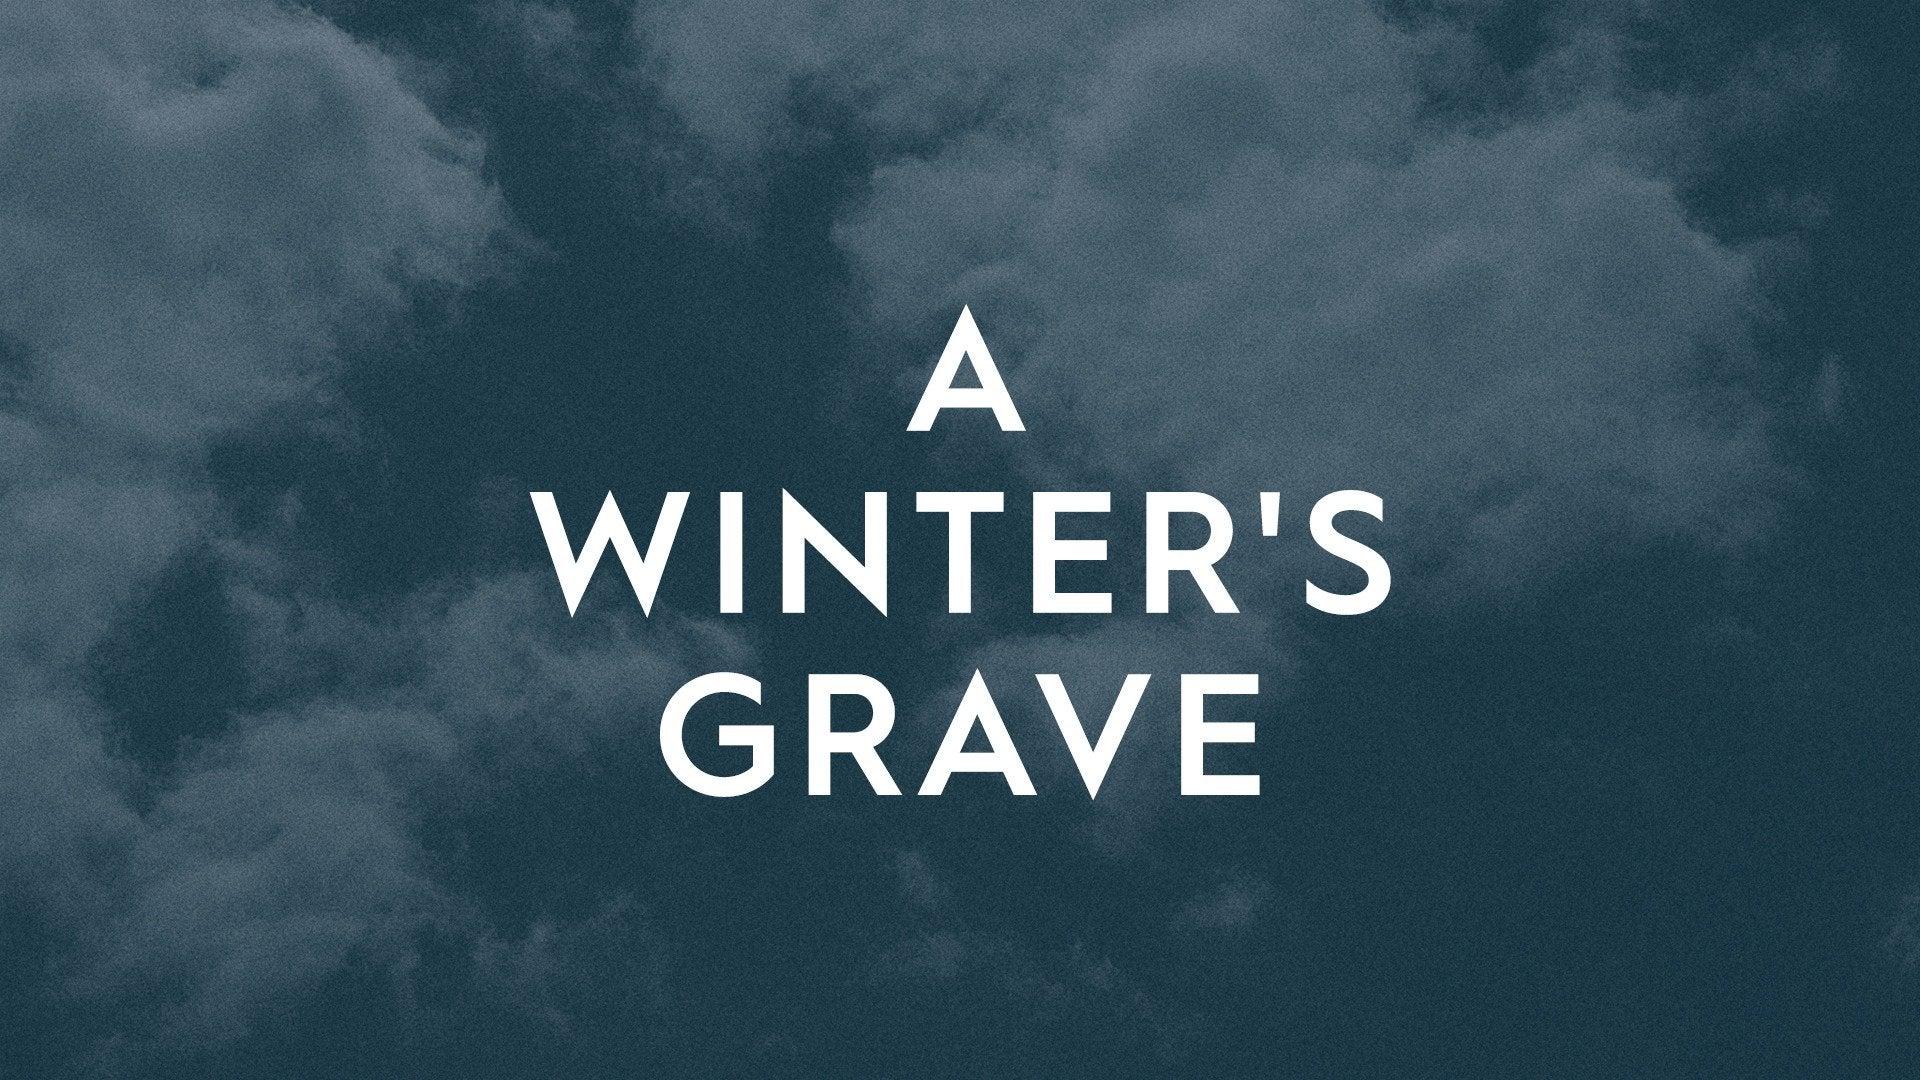 A Winter's Grave